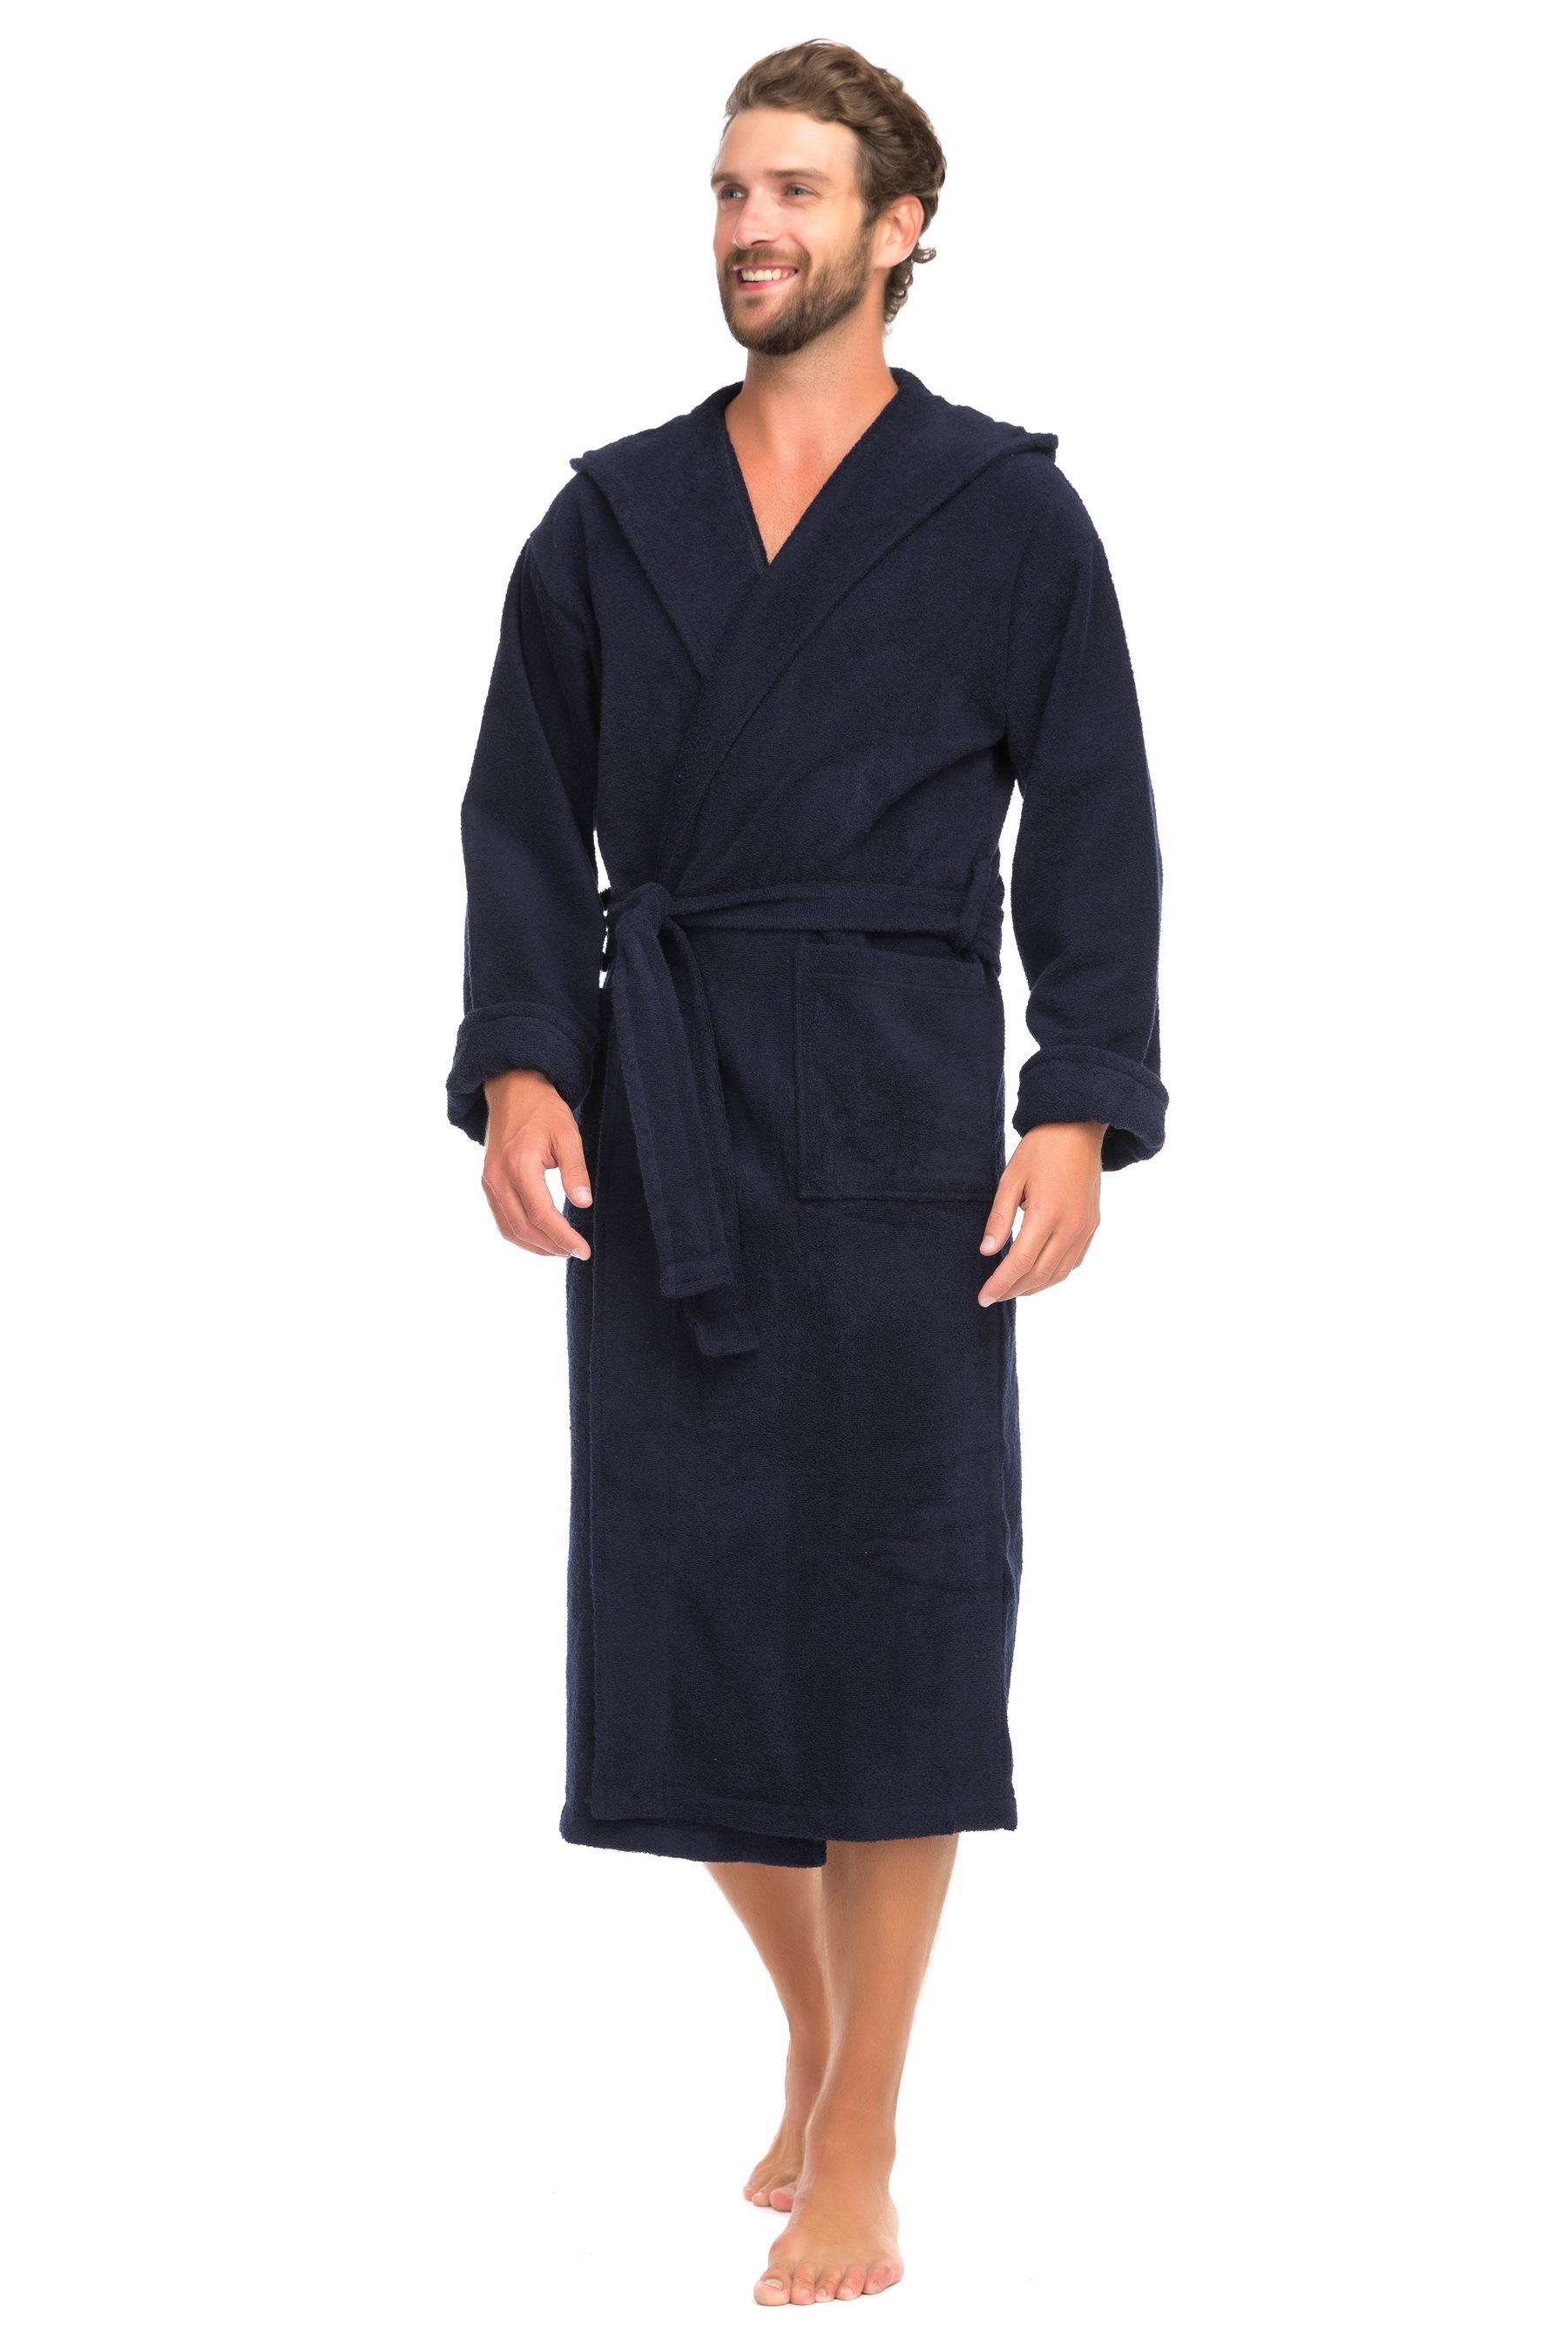 Мужской махровый халат с капюшоном SPORT#and#Life (Е 901-1), цвет тёмно-синий, размер 42-44